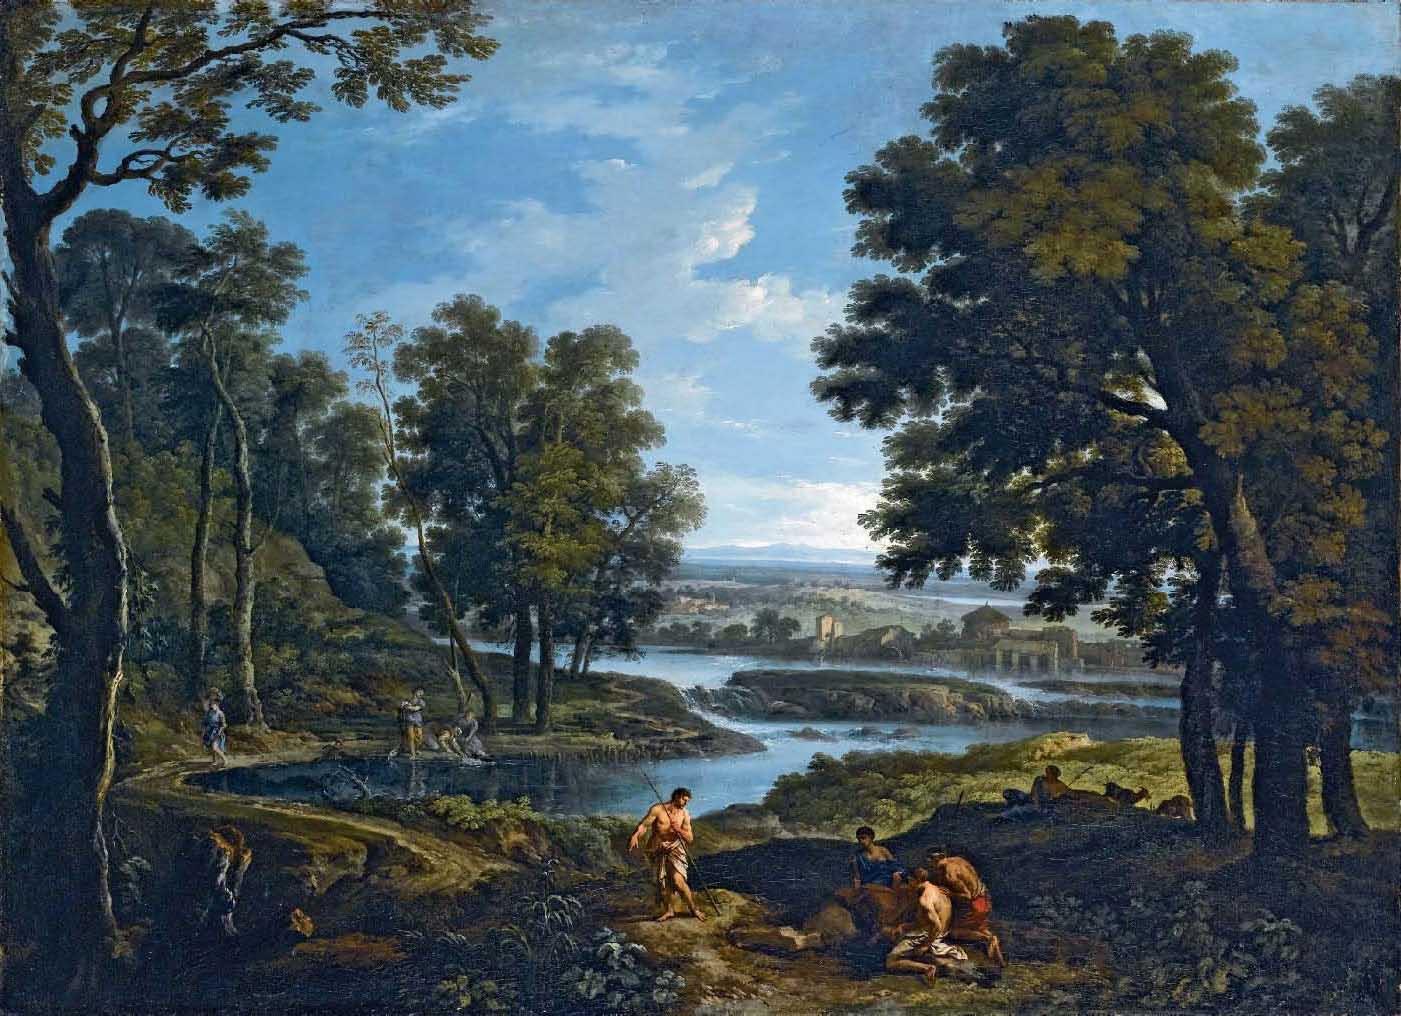 Paesaggio fluviale con lavandaie e pastori